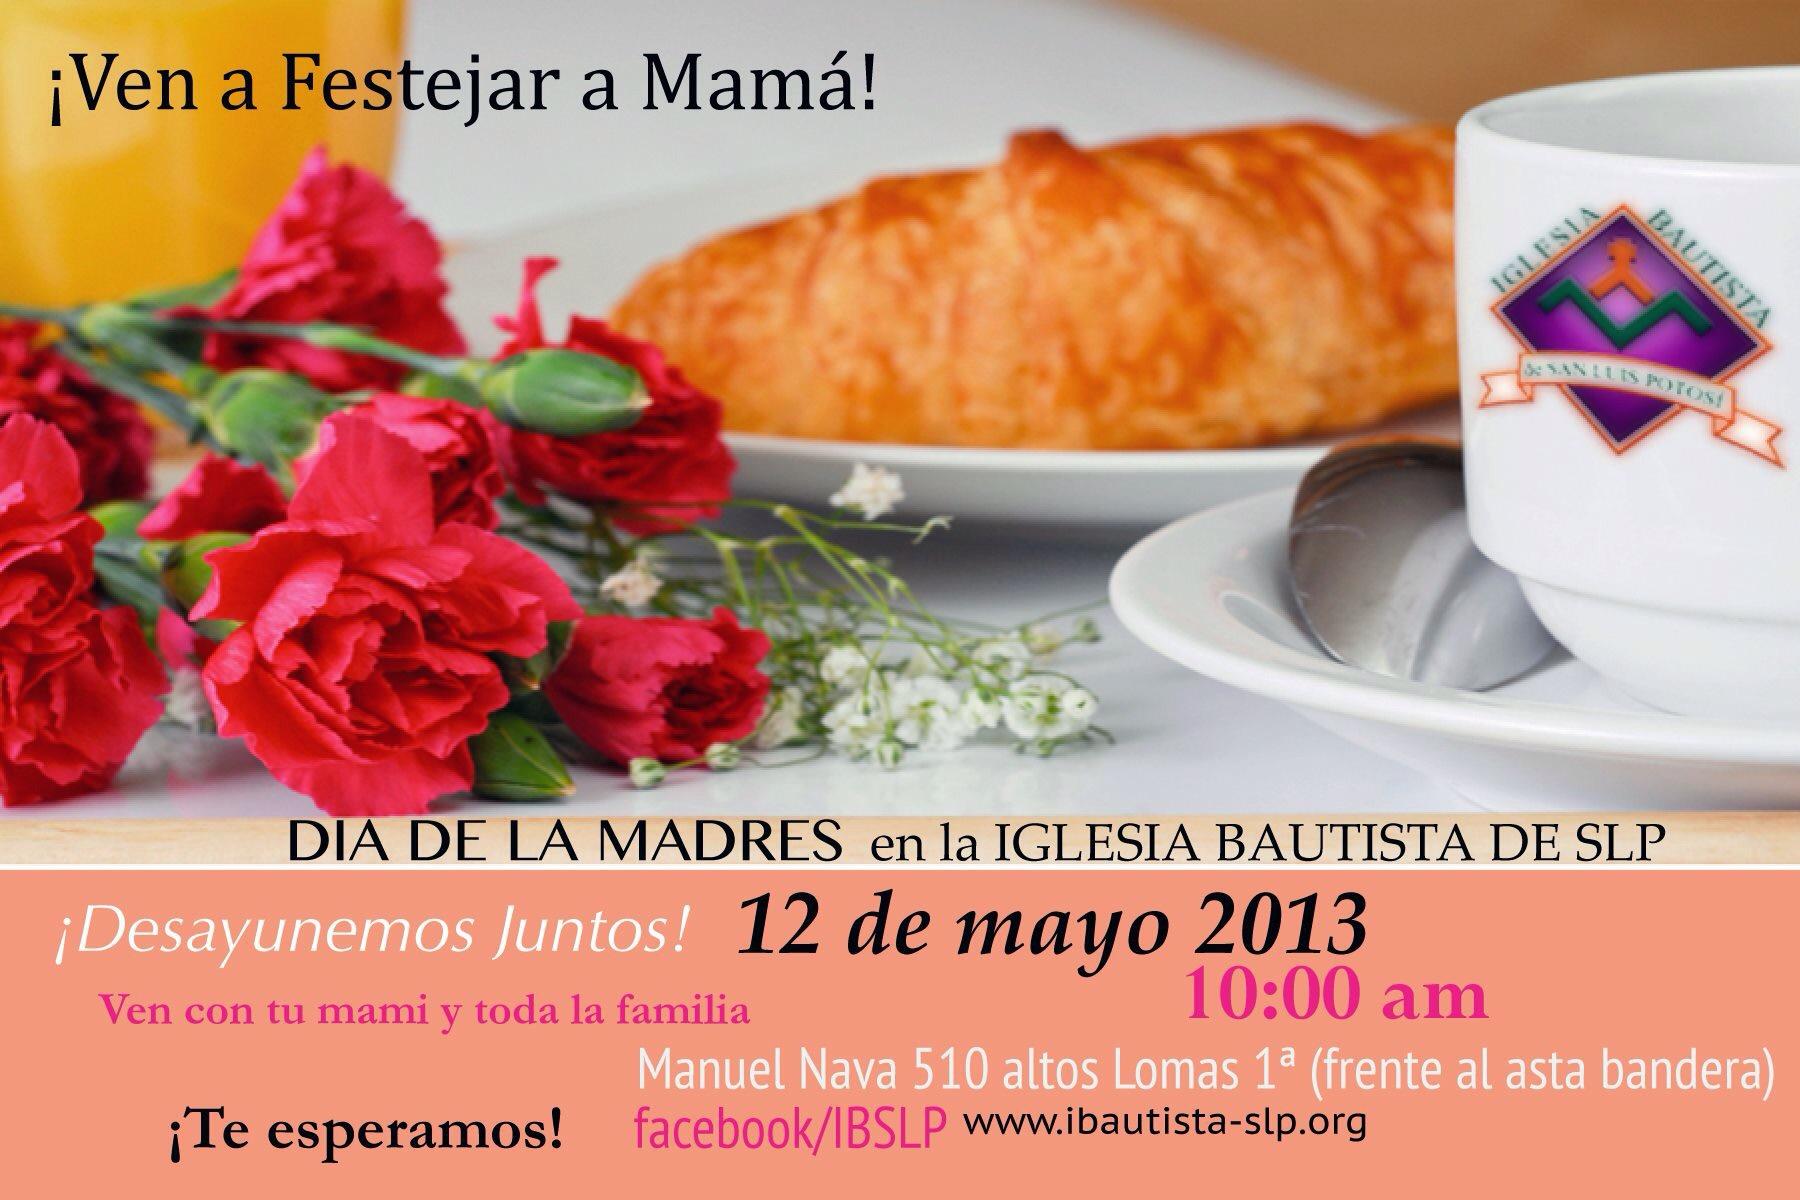 InvitaciÓn A Desayuno DÍa De Las Madres: Mis Creaciones Para El Ministerio